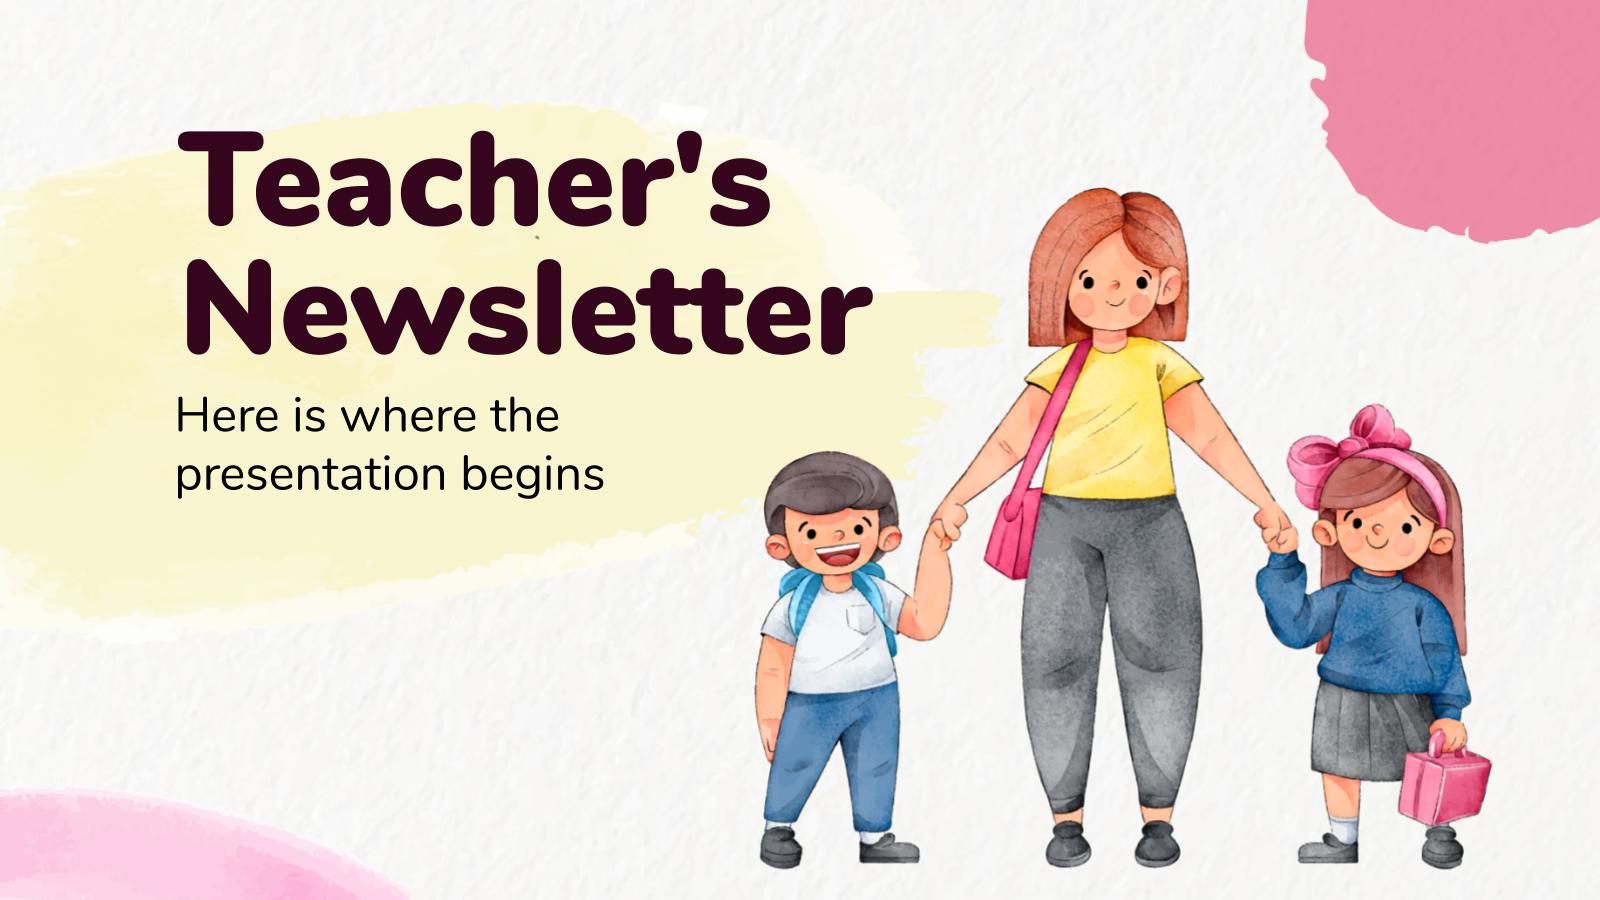 Newsletter pour les enseignants : Modèles de présentation